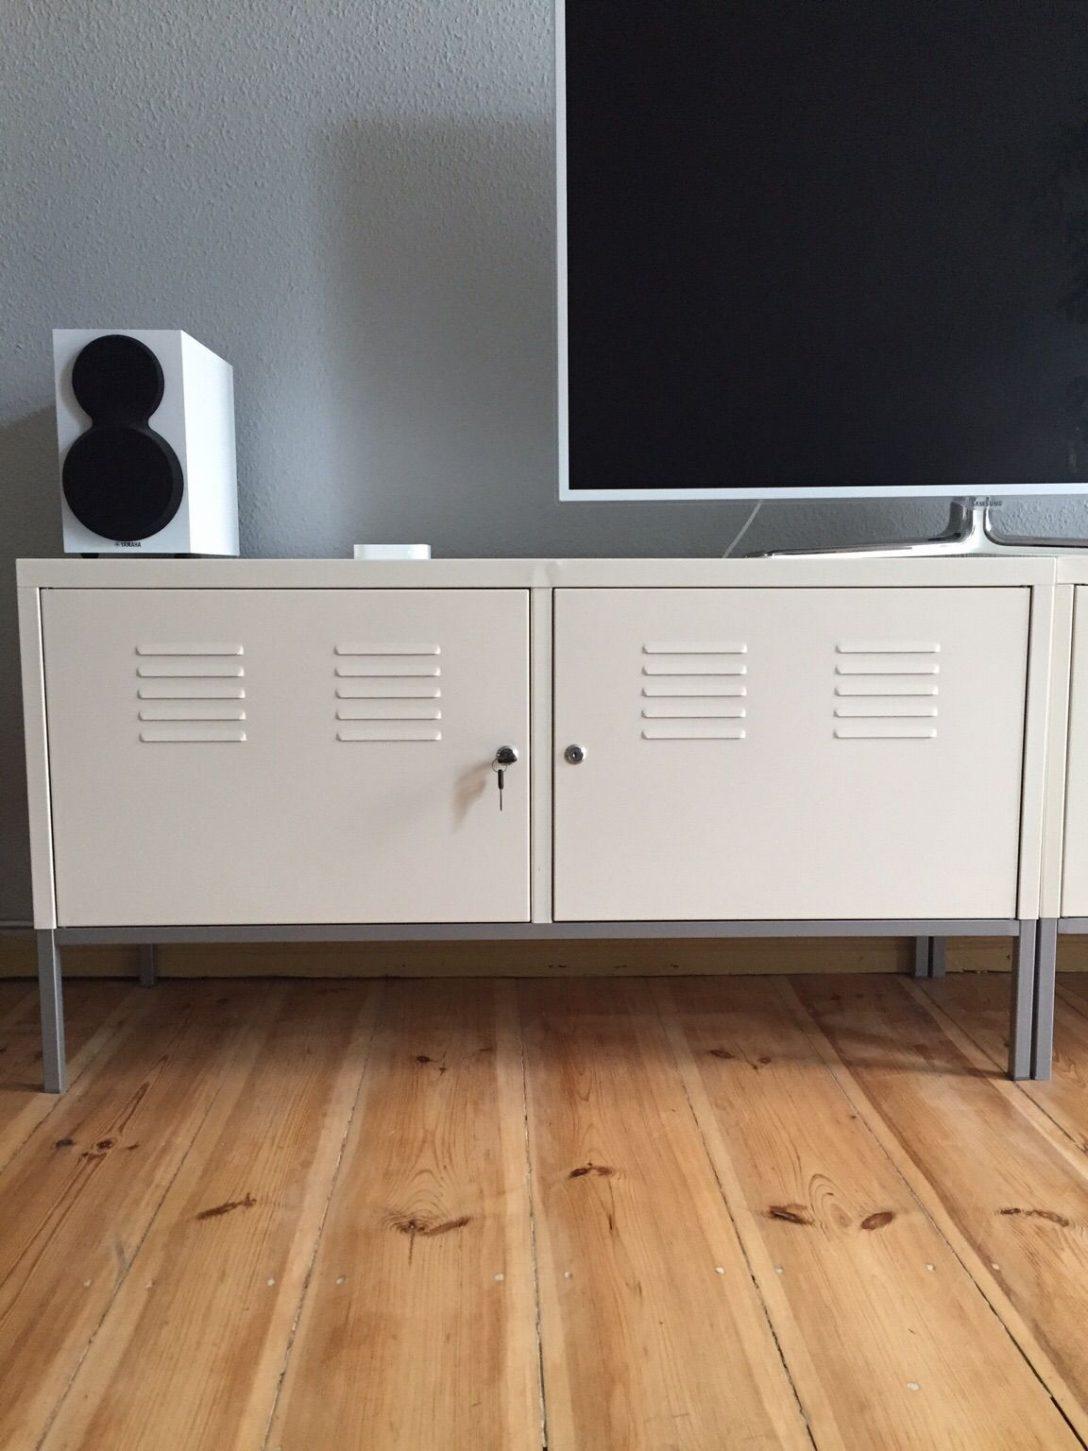 Large Size of Spind Schrank Ikea Gebraucht 1 Ps Sideboard Sofa Mit Schlaffunktion Miniküche Küche Kosten Kaufen Modulküche Wohnzimmer Arbeitsplatte Betten Bei 160x200 Wohnzimmer Ikea Sideboard